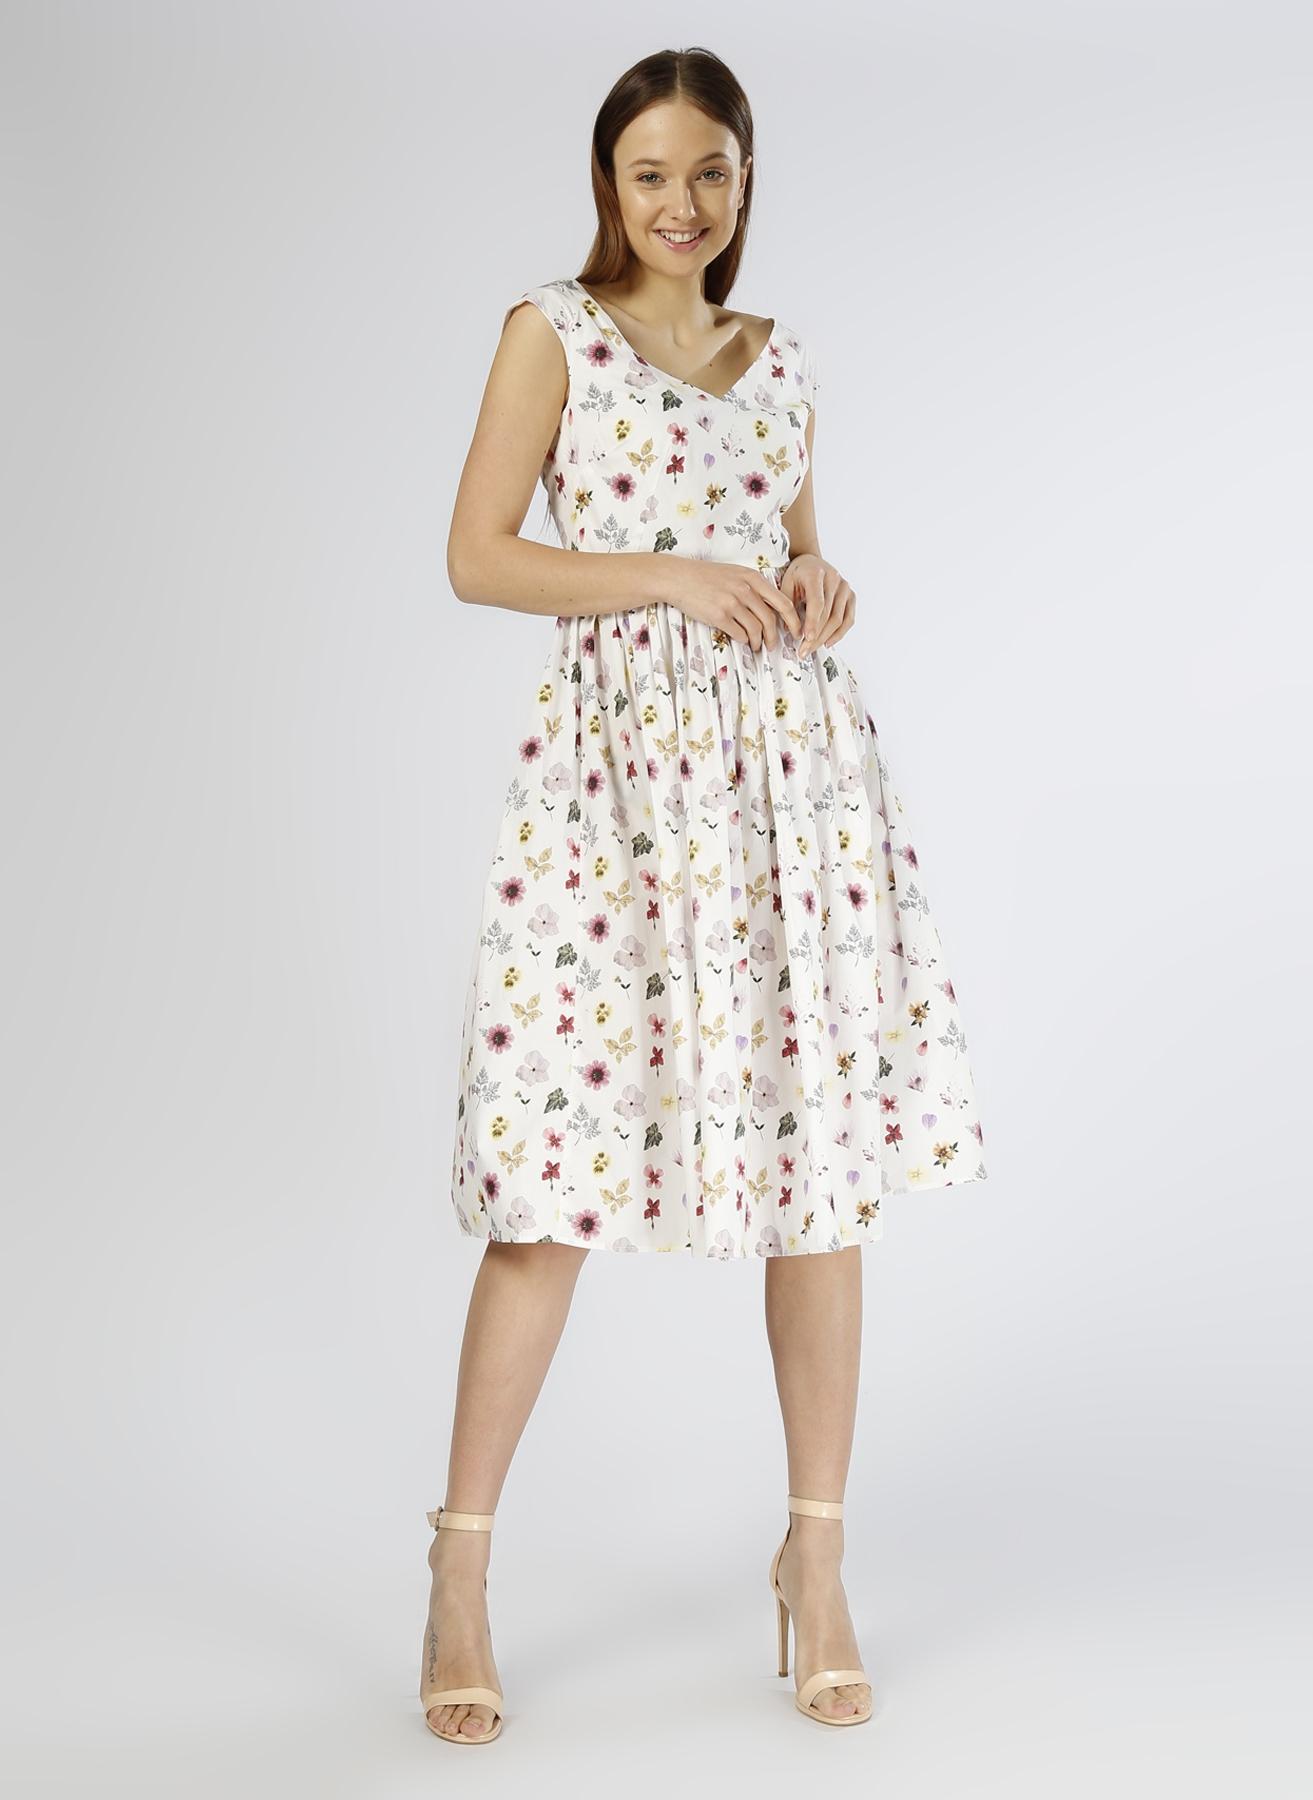 Beymen Club Çiçek Desenli Bej Elbise 36 5000202477001 Ürün Resmi